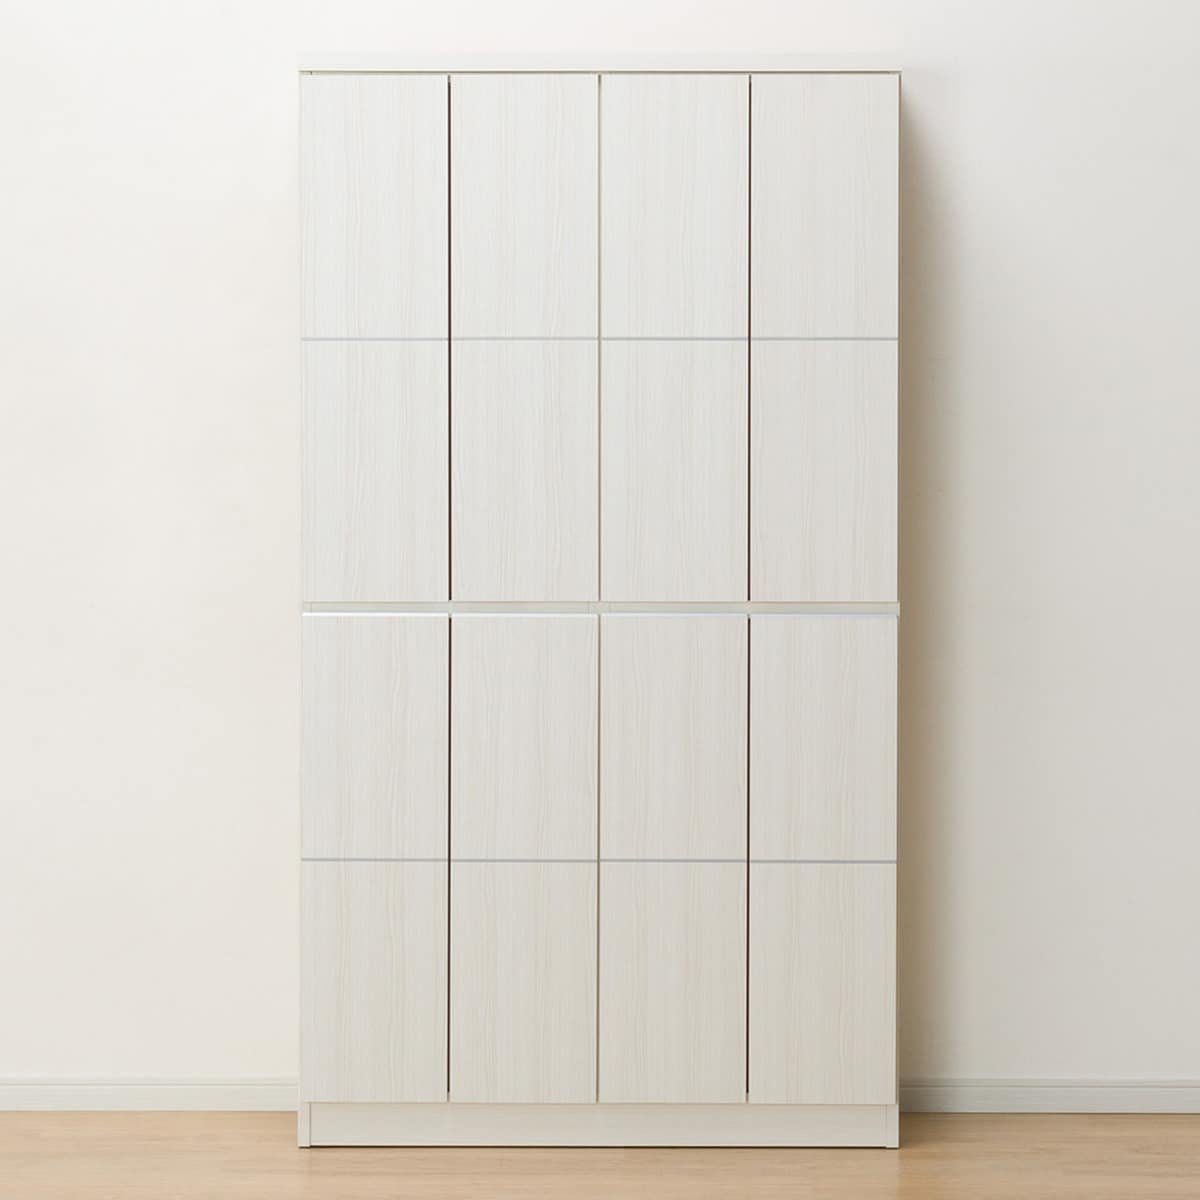 壁面を有効活用できるシューズボックス(ロイド 100HI WH) ニトリ 【完成品・配送員設置】 【5年保証】